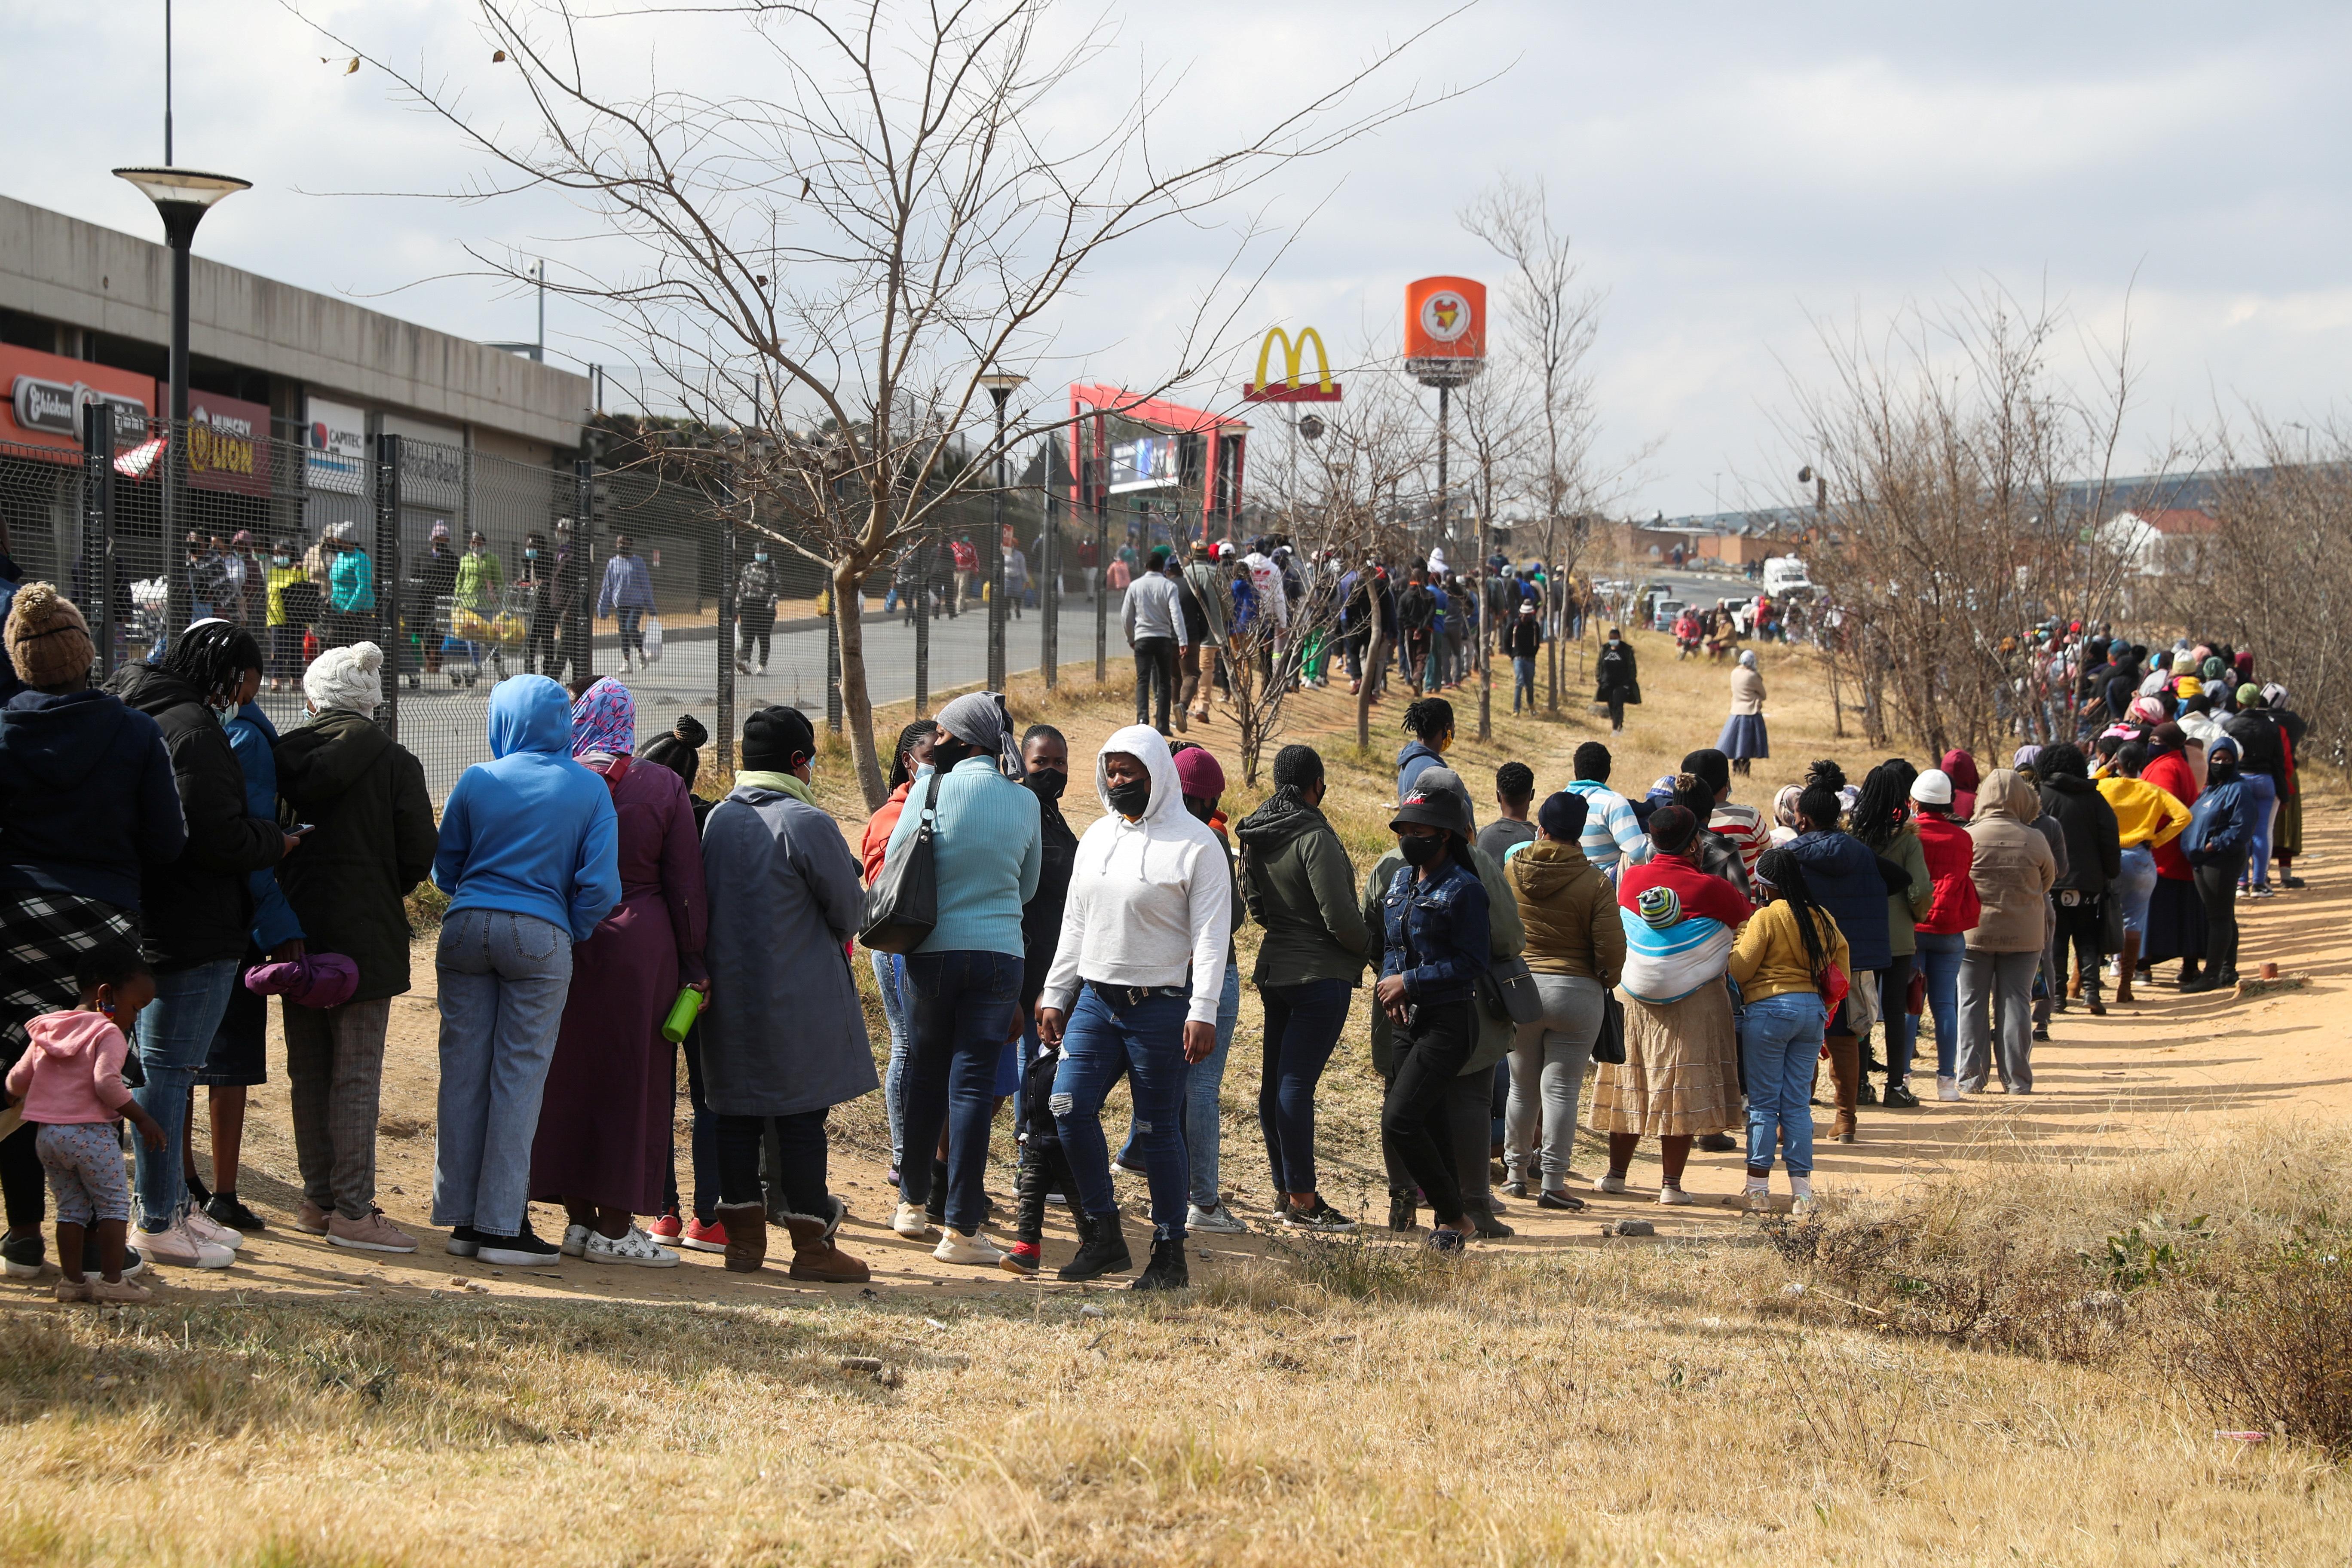 जाेहान्सबर्ग की अलेक्जैंड्रा टाउनशिप में एक मॉल को उपद्रवियों ने बख्श दिया। खाद्य सामग्री खरीदने के लिए उसी मॉल के बाहर लाइन में लगे लोग।